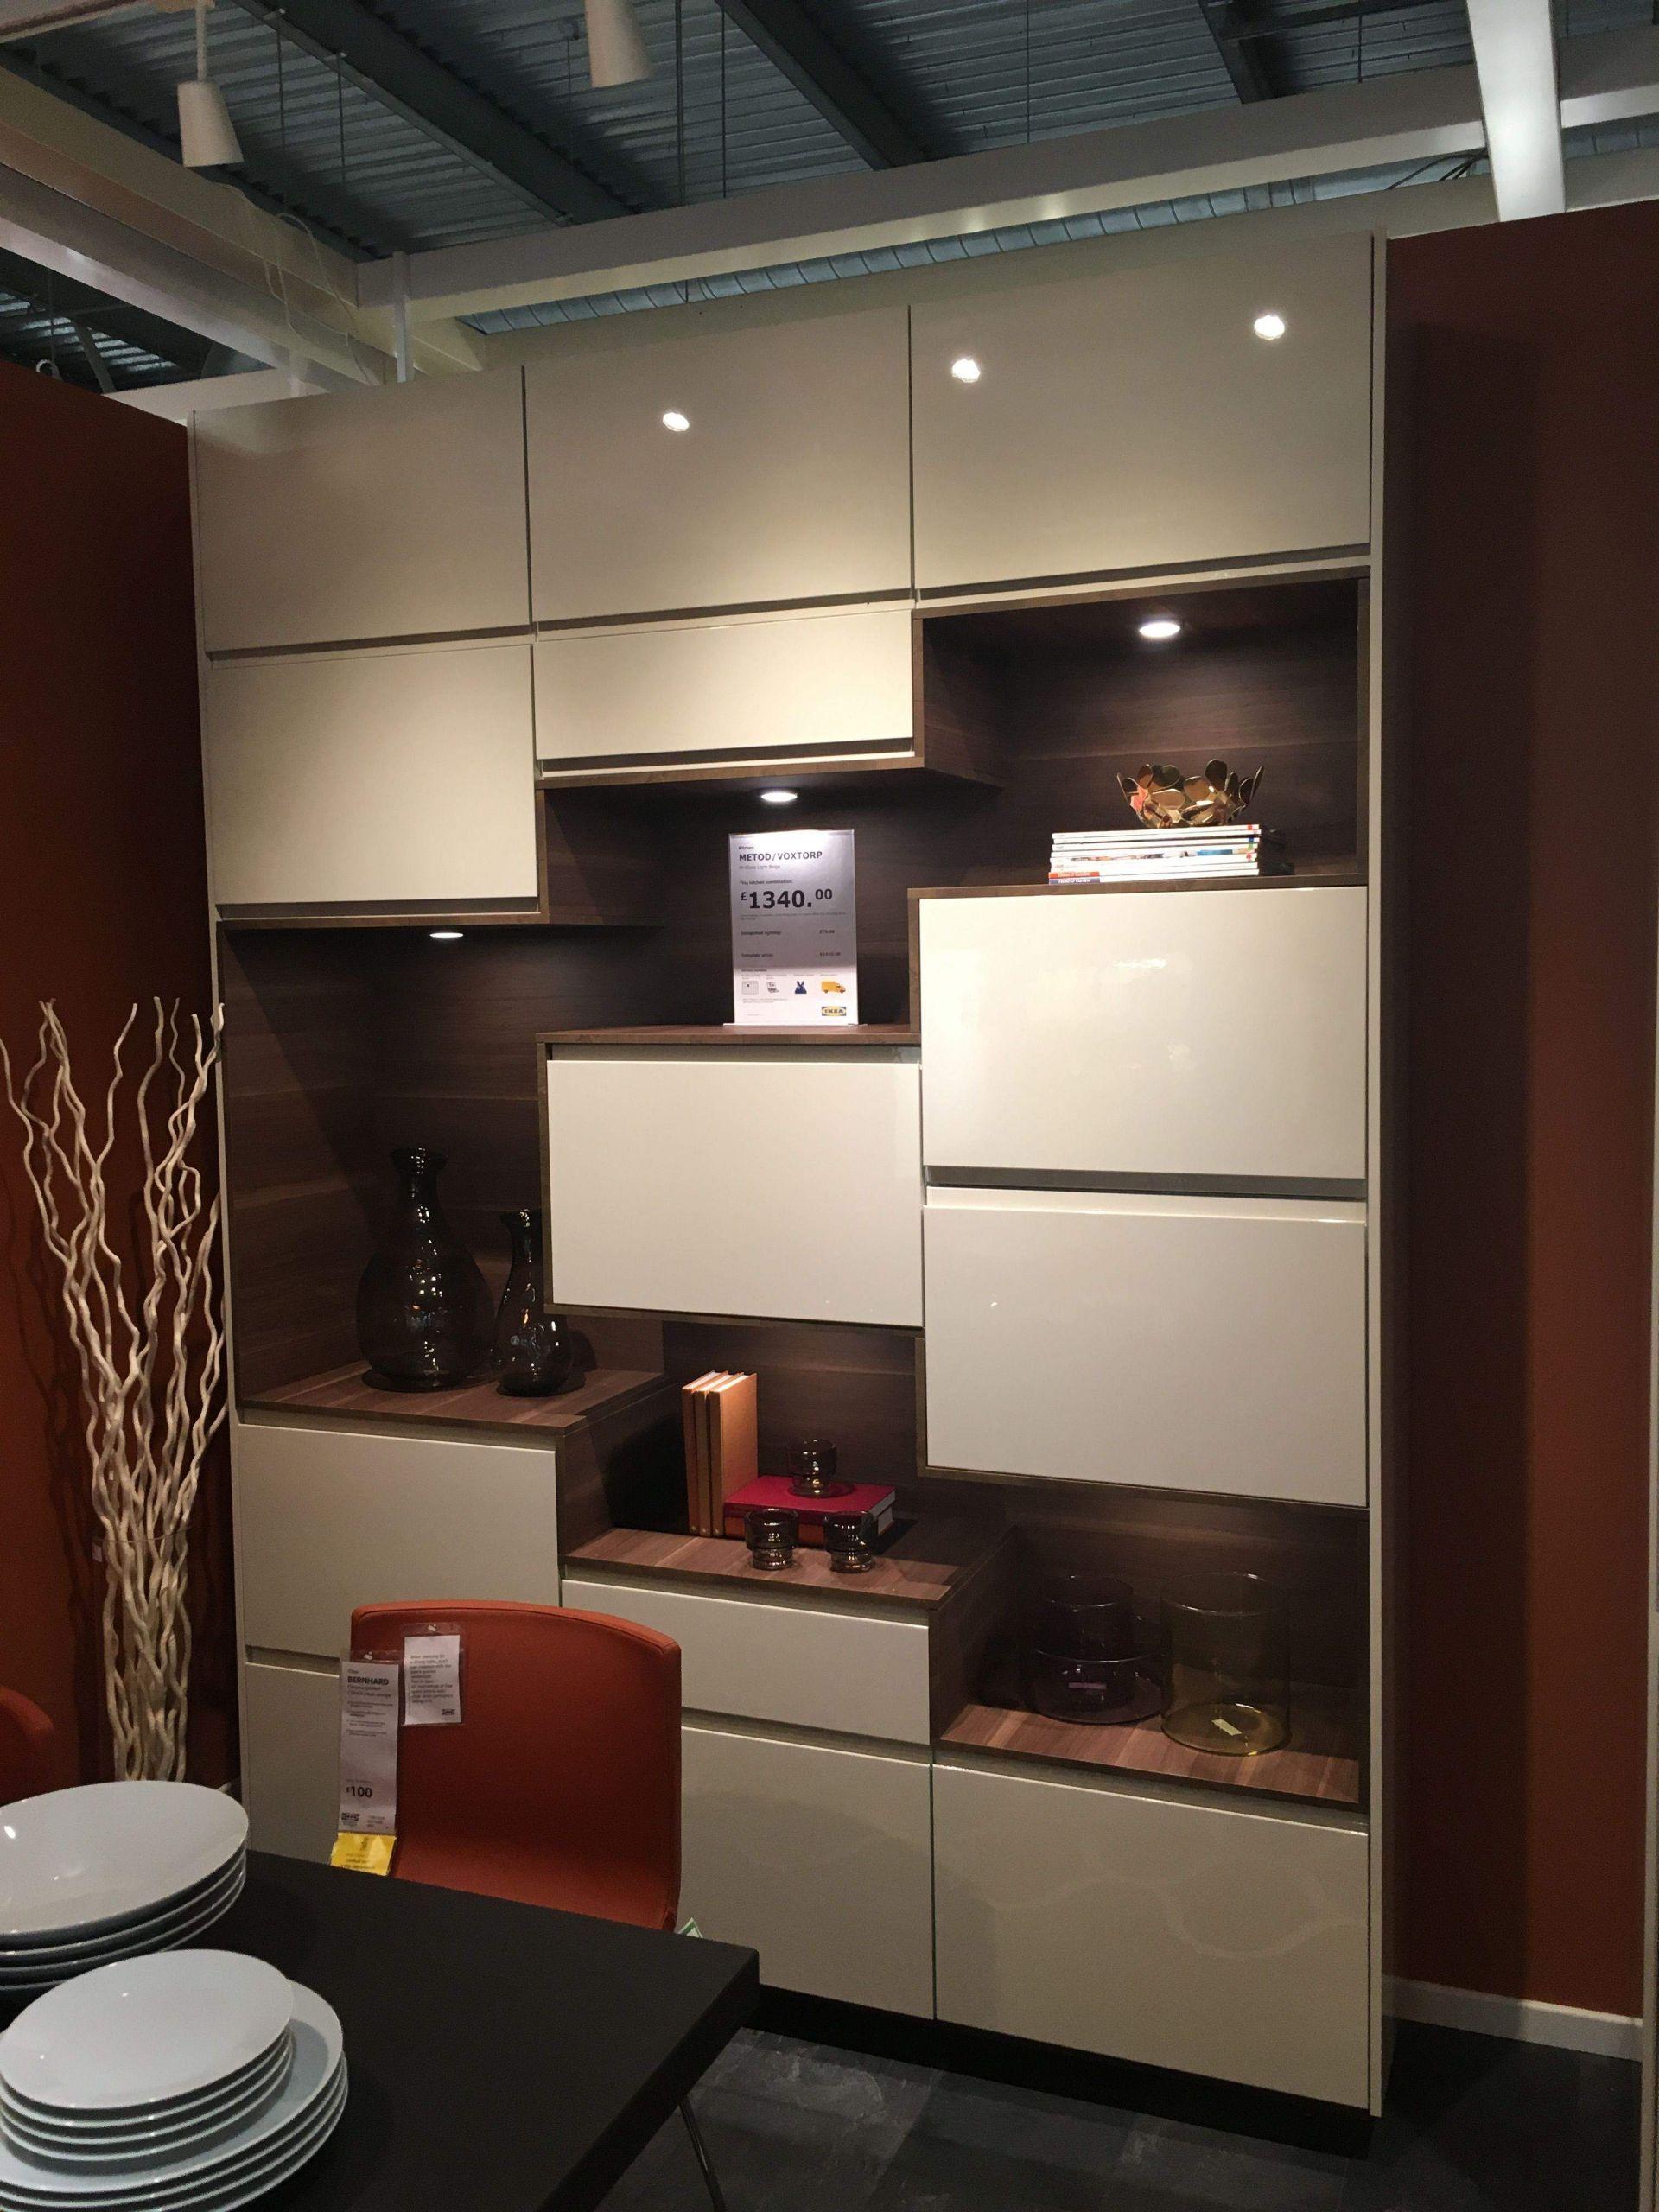 Full Size of Ikea Küche Voxtorp Grau Wohnzimmer Besta Das Beste Von Kitchen Metod Waschbecken Wandfliesen Wandbelag Finanzieren L Mit Elektrogeräten Aufbewahrungssystem Wohnzimmer Ikea Küche Voxtorp Grau